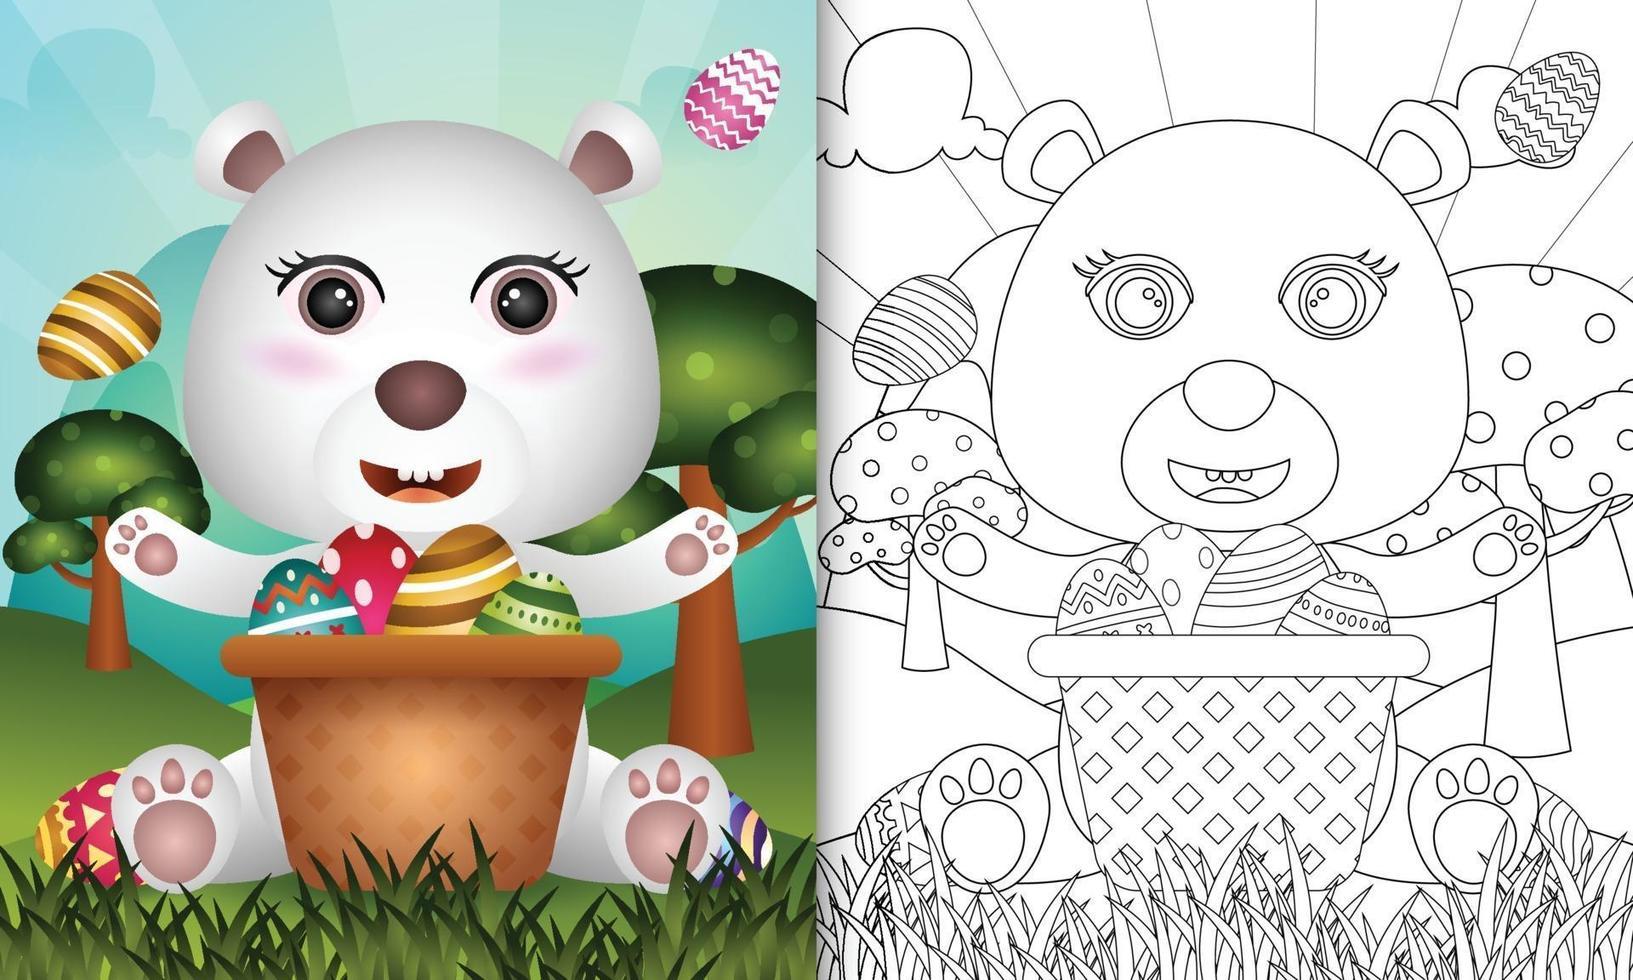 livro de colorir para crianças com tema feliz dia de Páscoa com ilustração de um urso polar fofo no ovo balde vetor